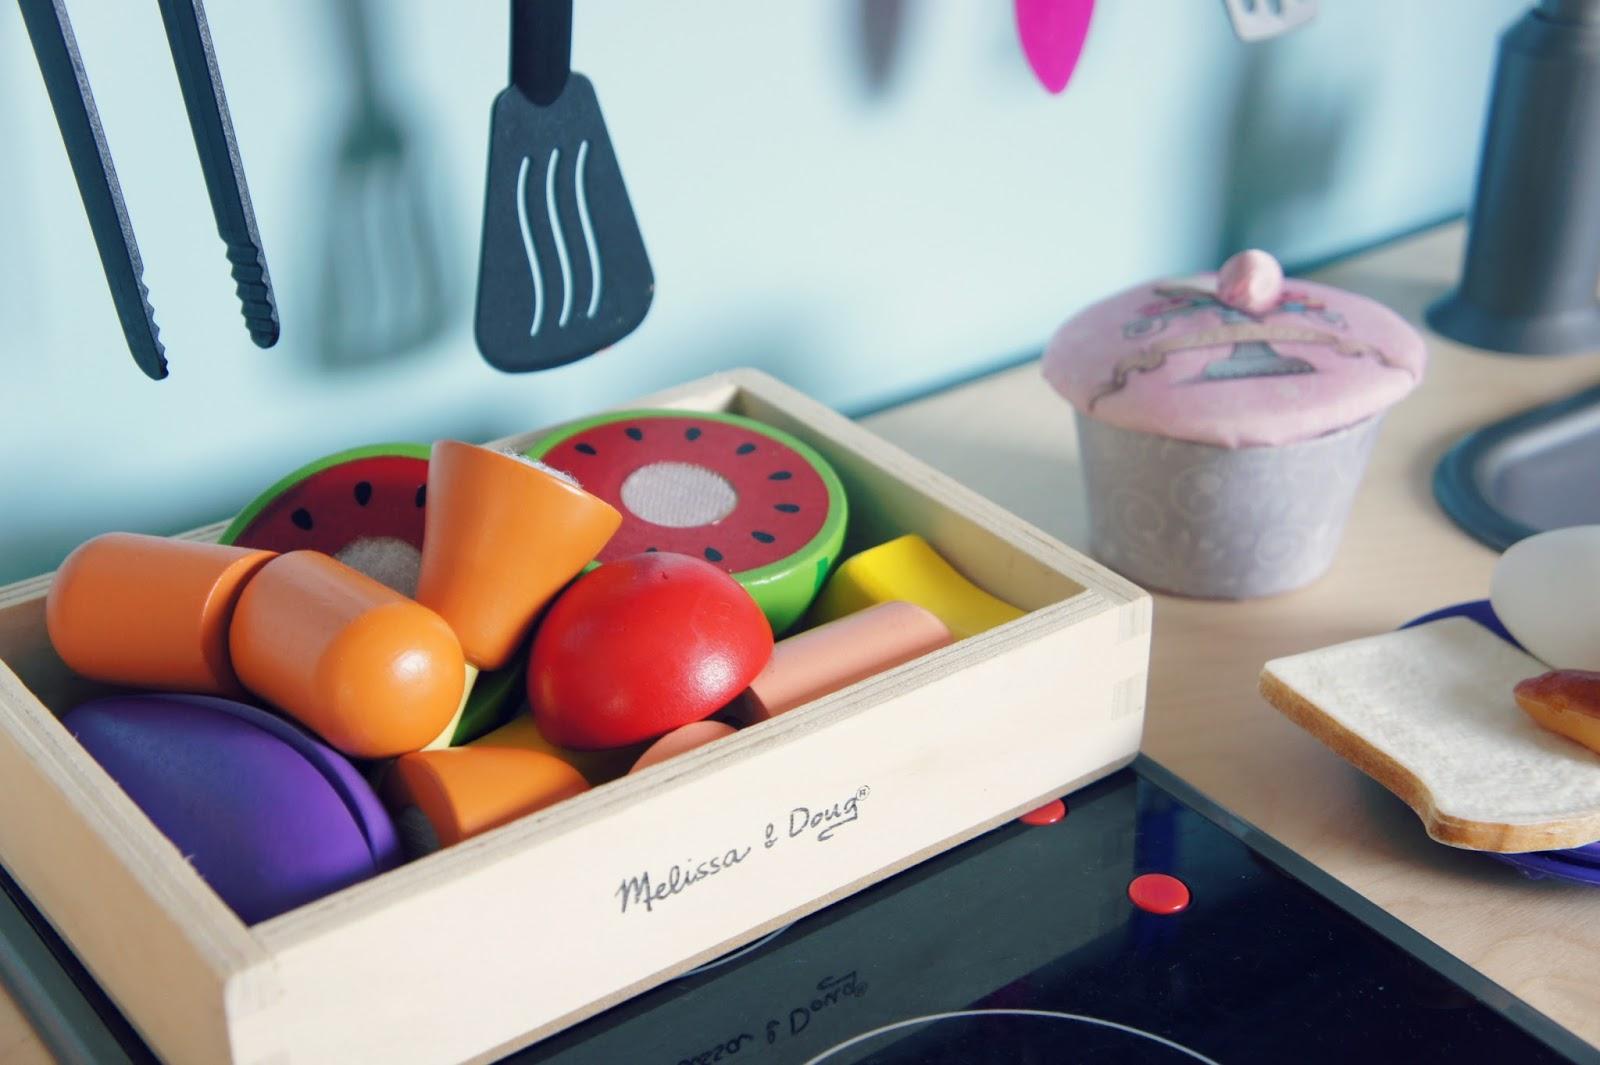 Zabawkowa kuchnia Duktig z Ikea  czy warto kupić? Moja